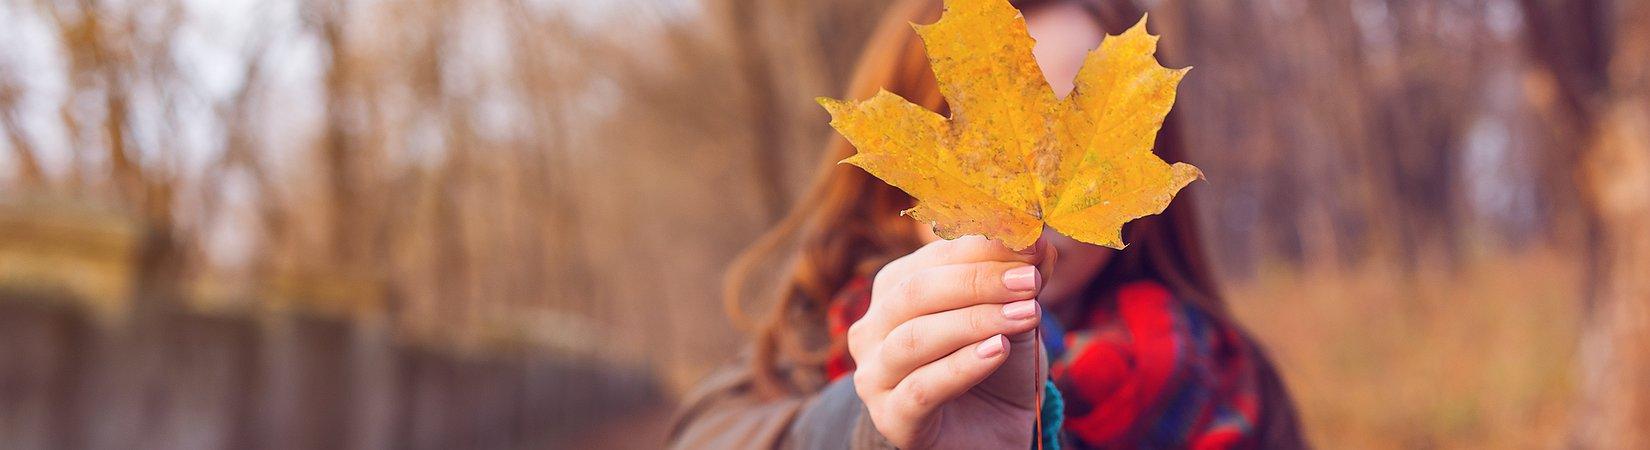 3 acciones que podrían aumentar más este otoño